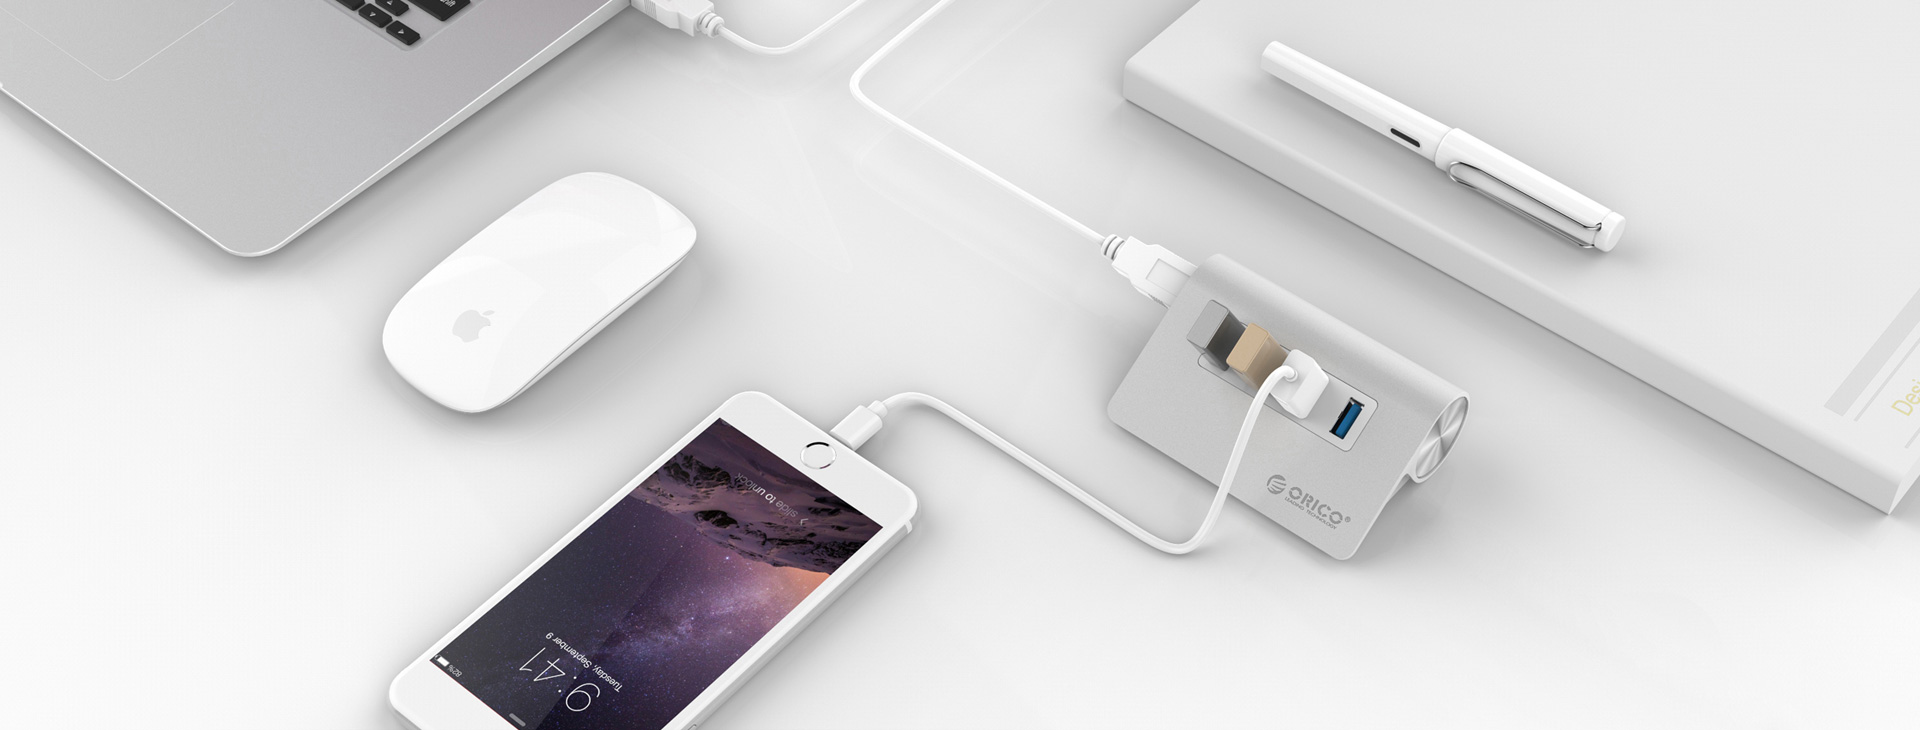 Bộ chia USB HUB 4 cổng USB 3.0 - Orico M3H4-V1 Màu Bạc - Hàng chính hãng